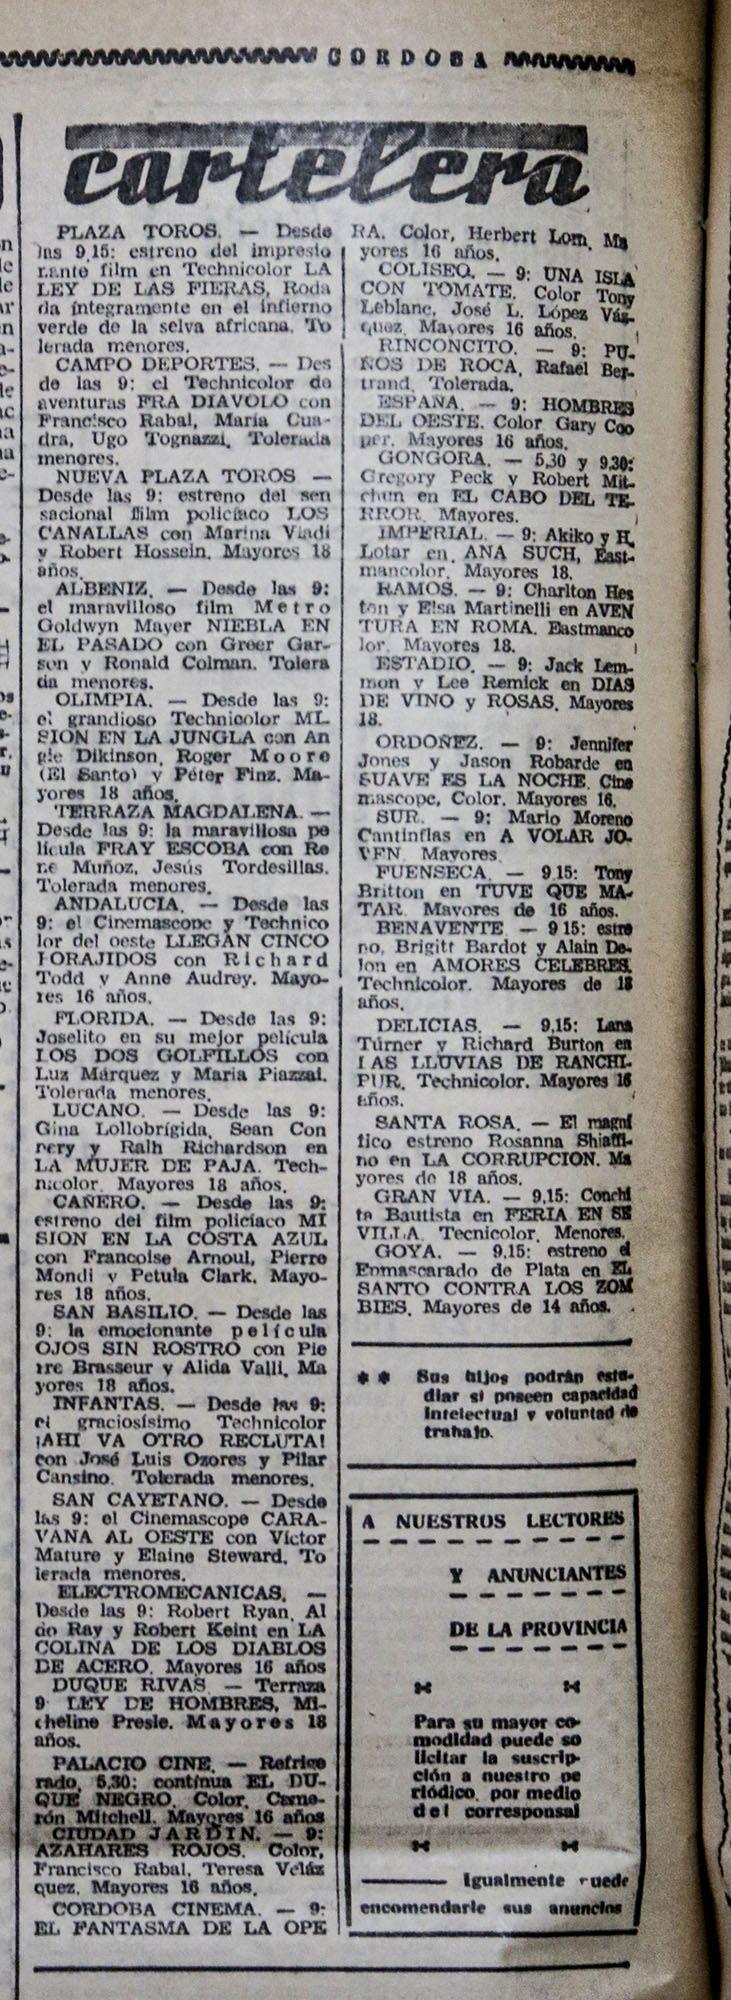 Cartelera de Córdoba en las páginas de Diario Córdoba en 1965.